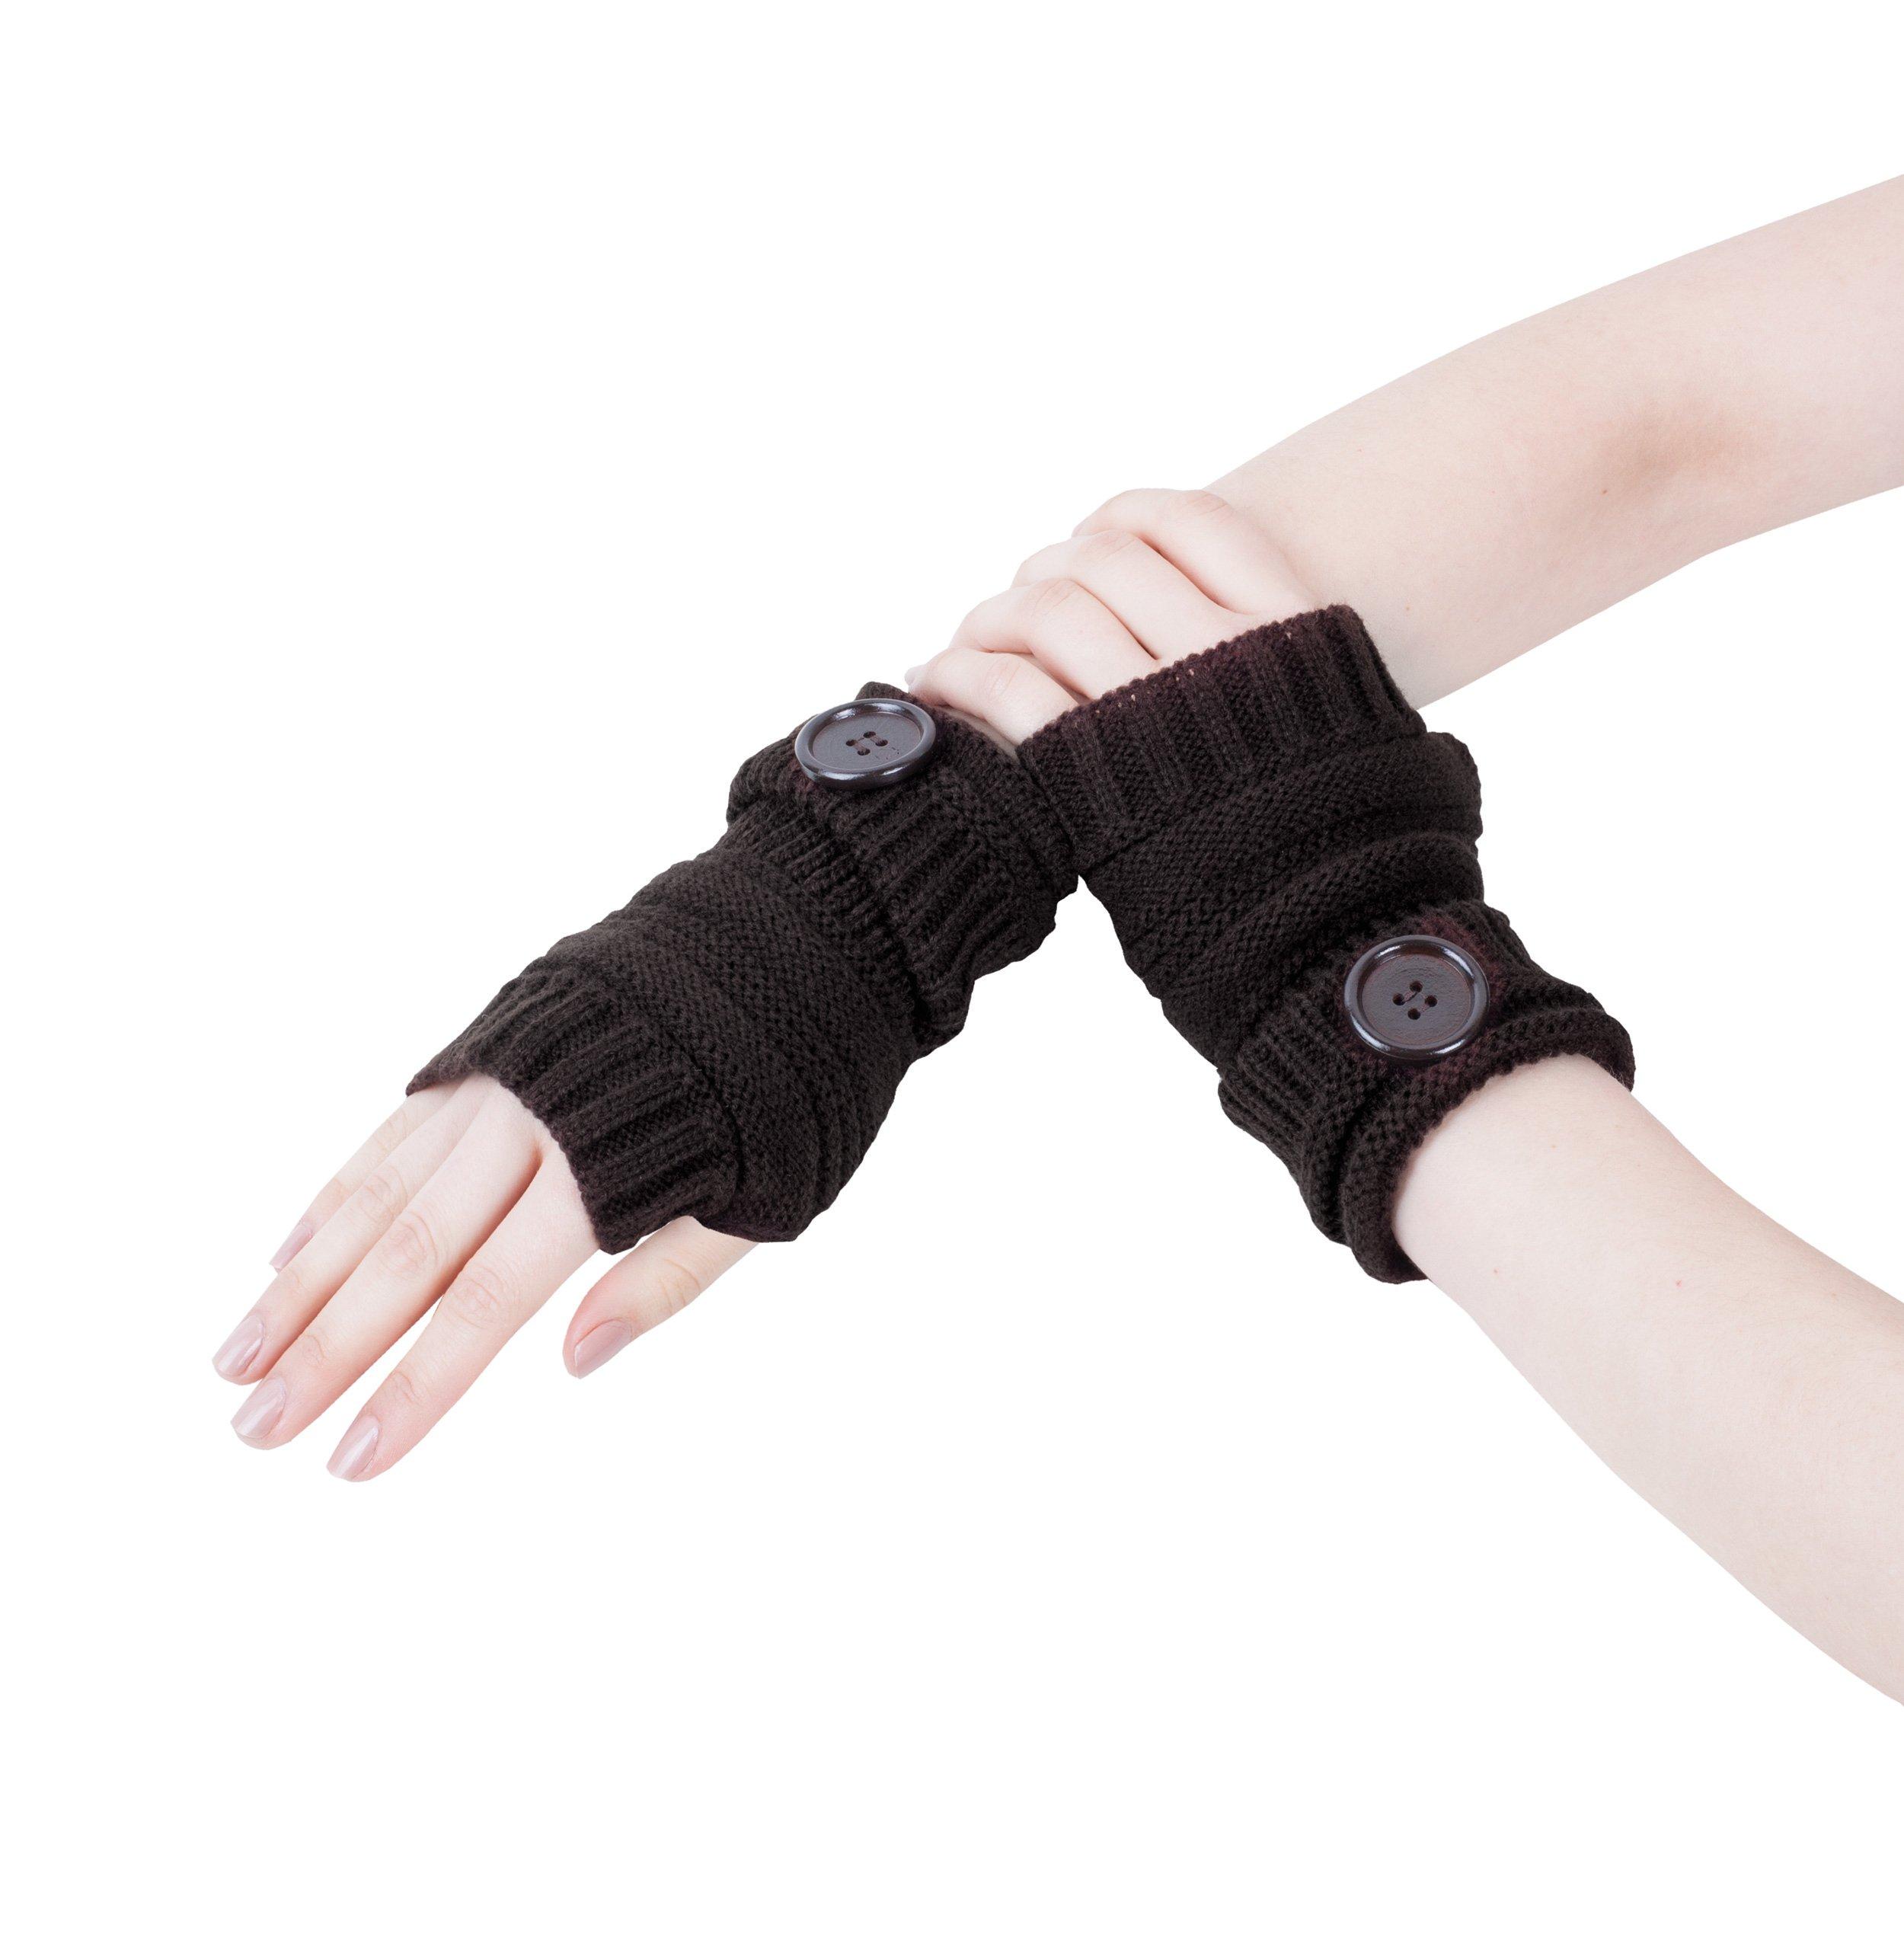 GLV011-Short Black Fingerless Gloves Knitted with Turn-back